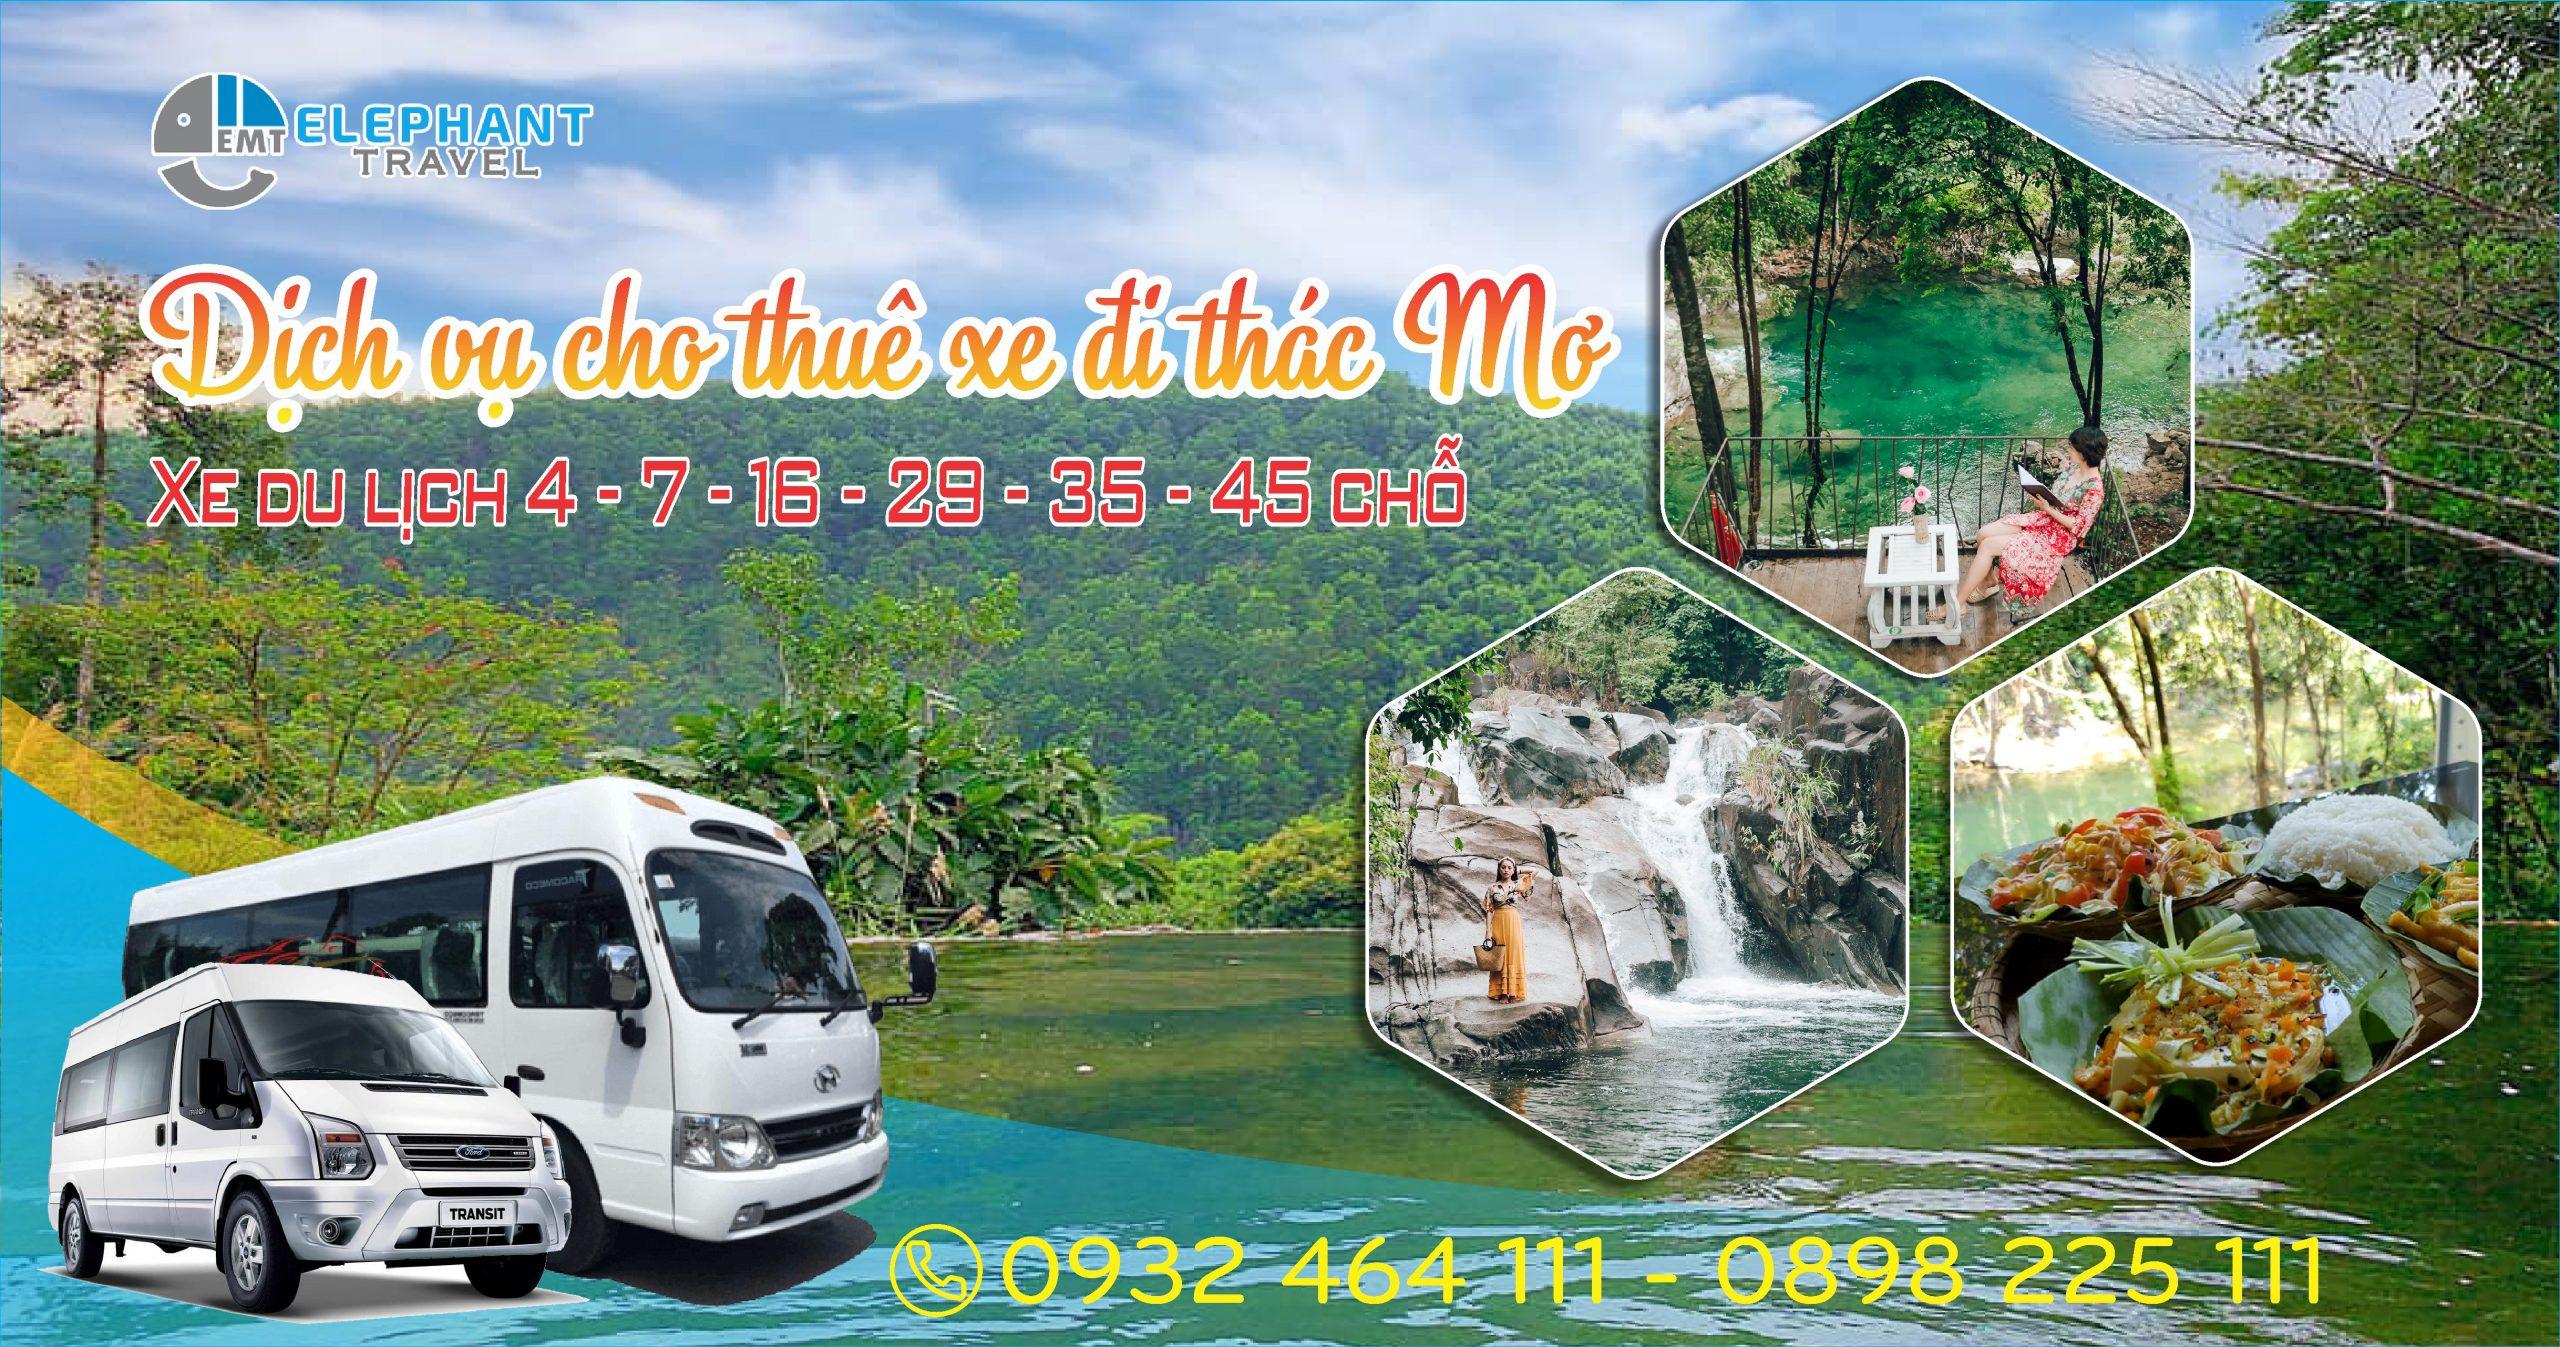 Bảng giá cho thuê xe đi Thác Mơ – HueYes Eco – điểm du lịch mùa hè mới nhất ở Huế